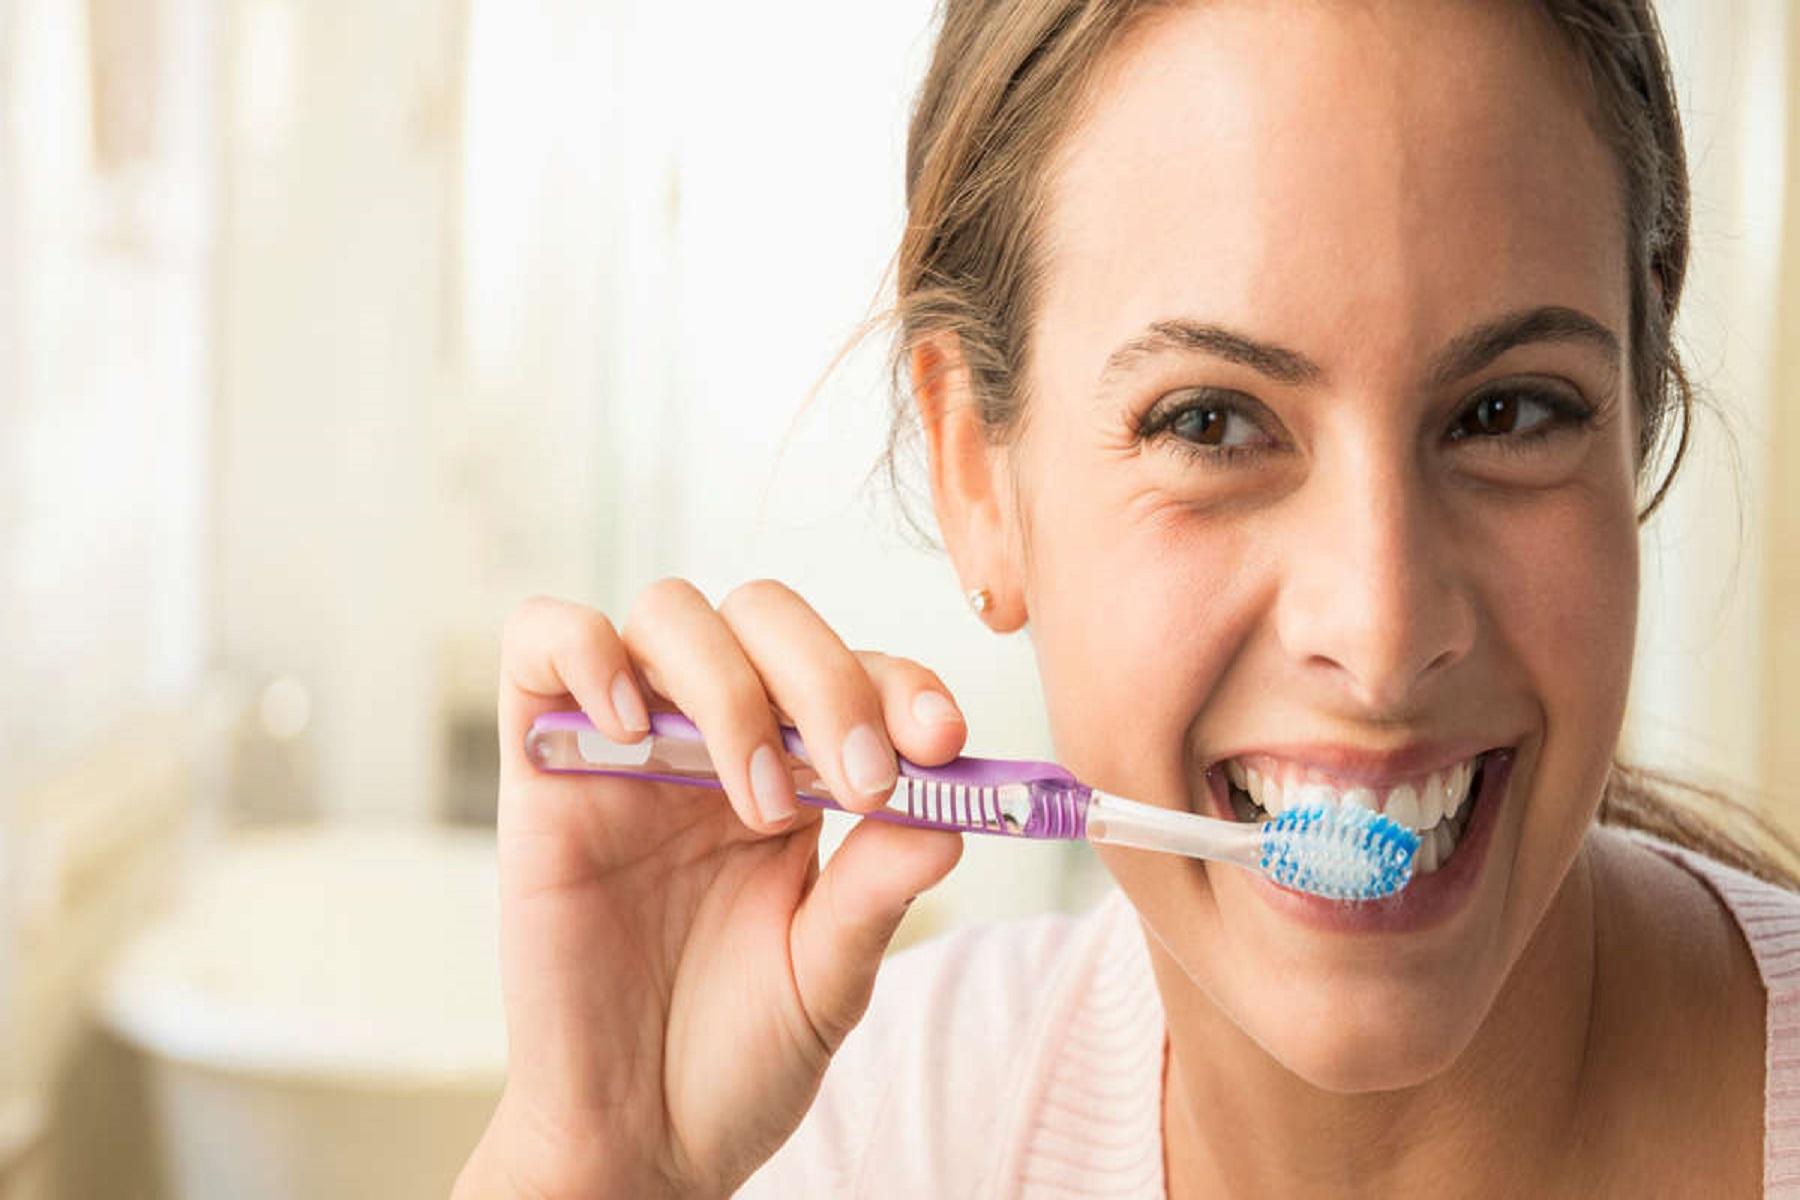 Λονδίνο Οδοντίατρος: Προειδοποιεί γιατί δεν πρέπει ποτέ να χρησιμοποιείτε στοματικό διάλυμα μετά το βούρτσισμα των δοντιών